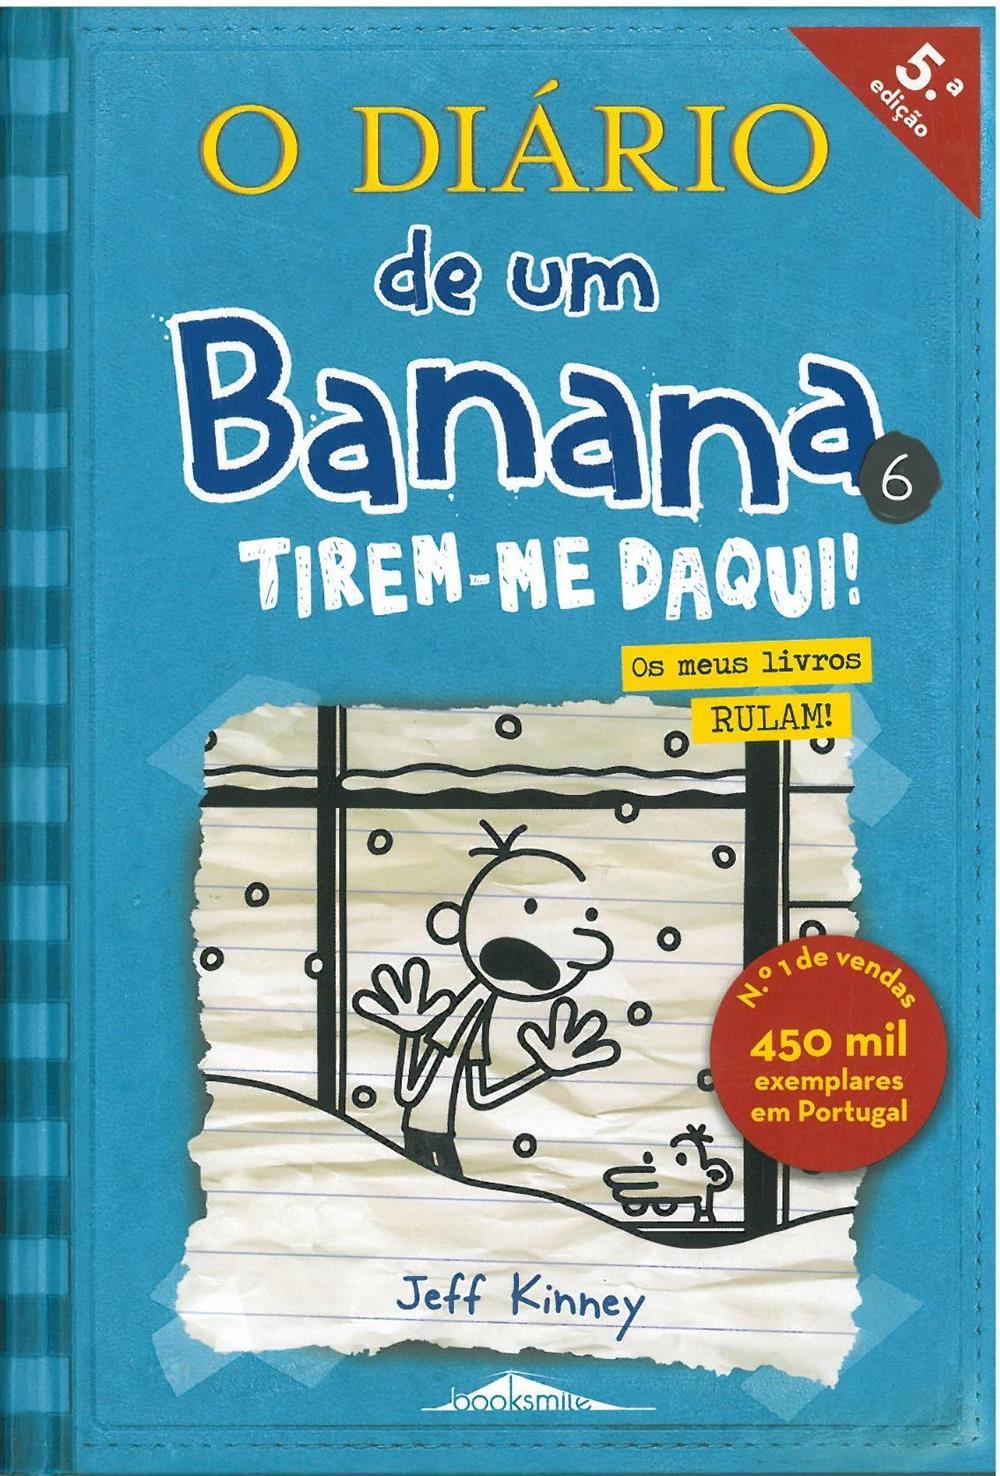 O diário de um banana_6.jpg